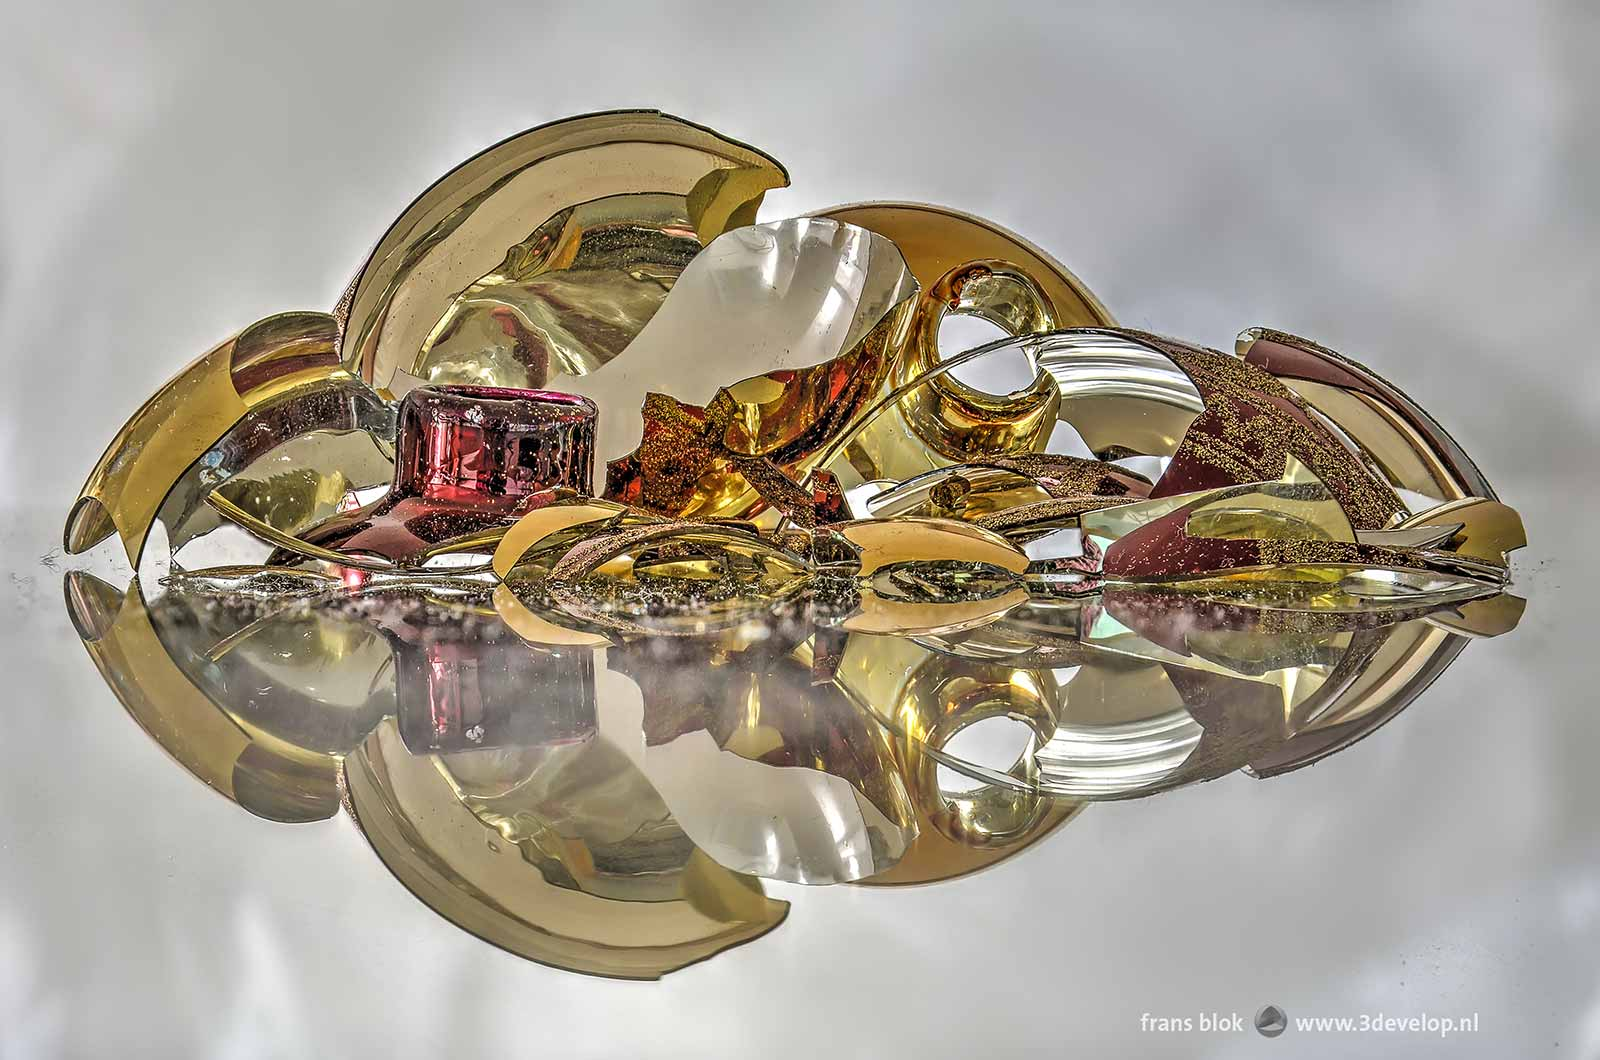 Compositie met scherven van een rode en een goudkleurige kerstbal op een spiegel, gezien vanaf een laag standpunt.